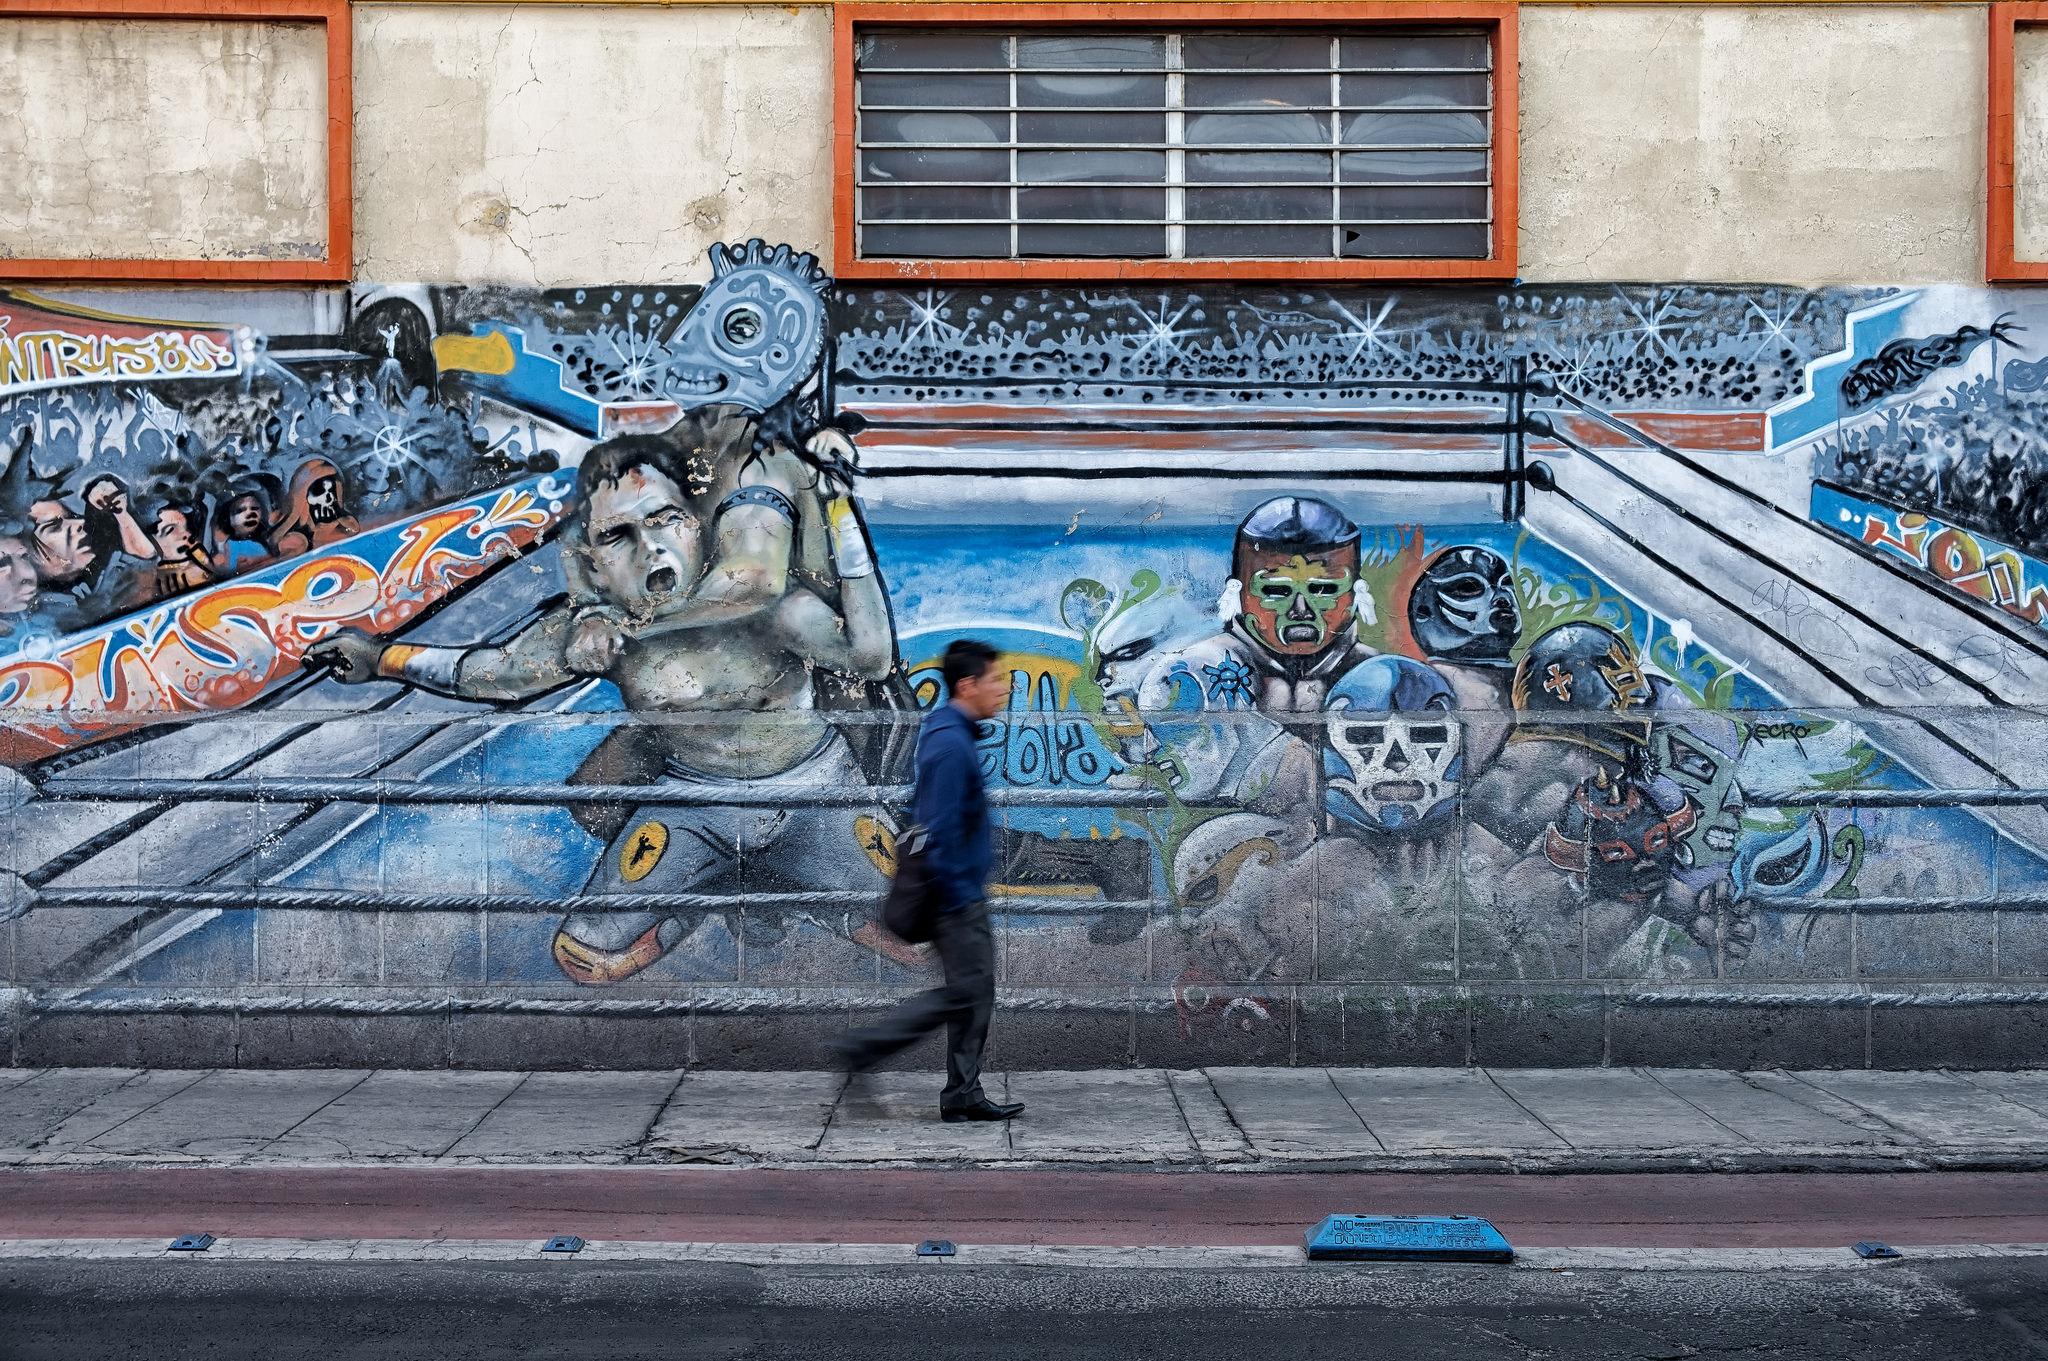 Artistic interpretation of a lucha libre | © Timothy Neesam/Flickr